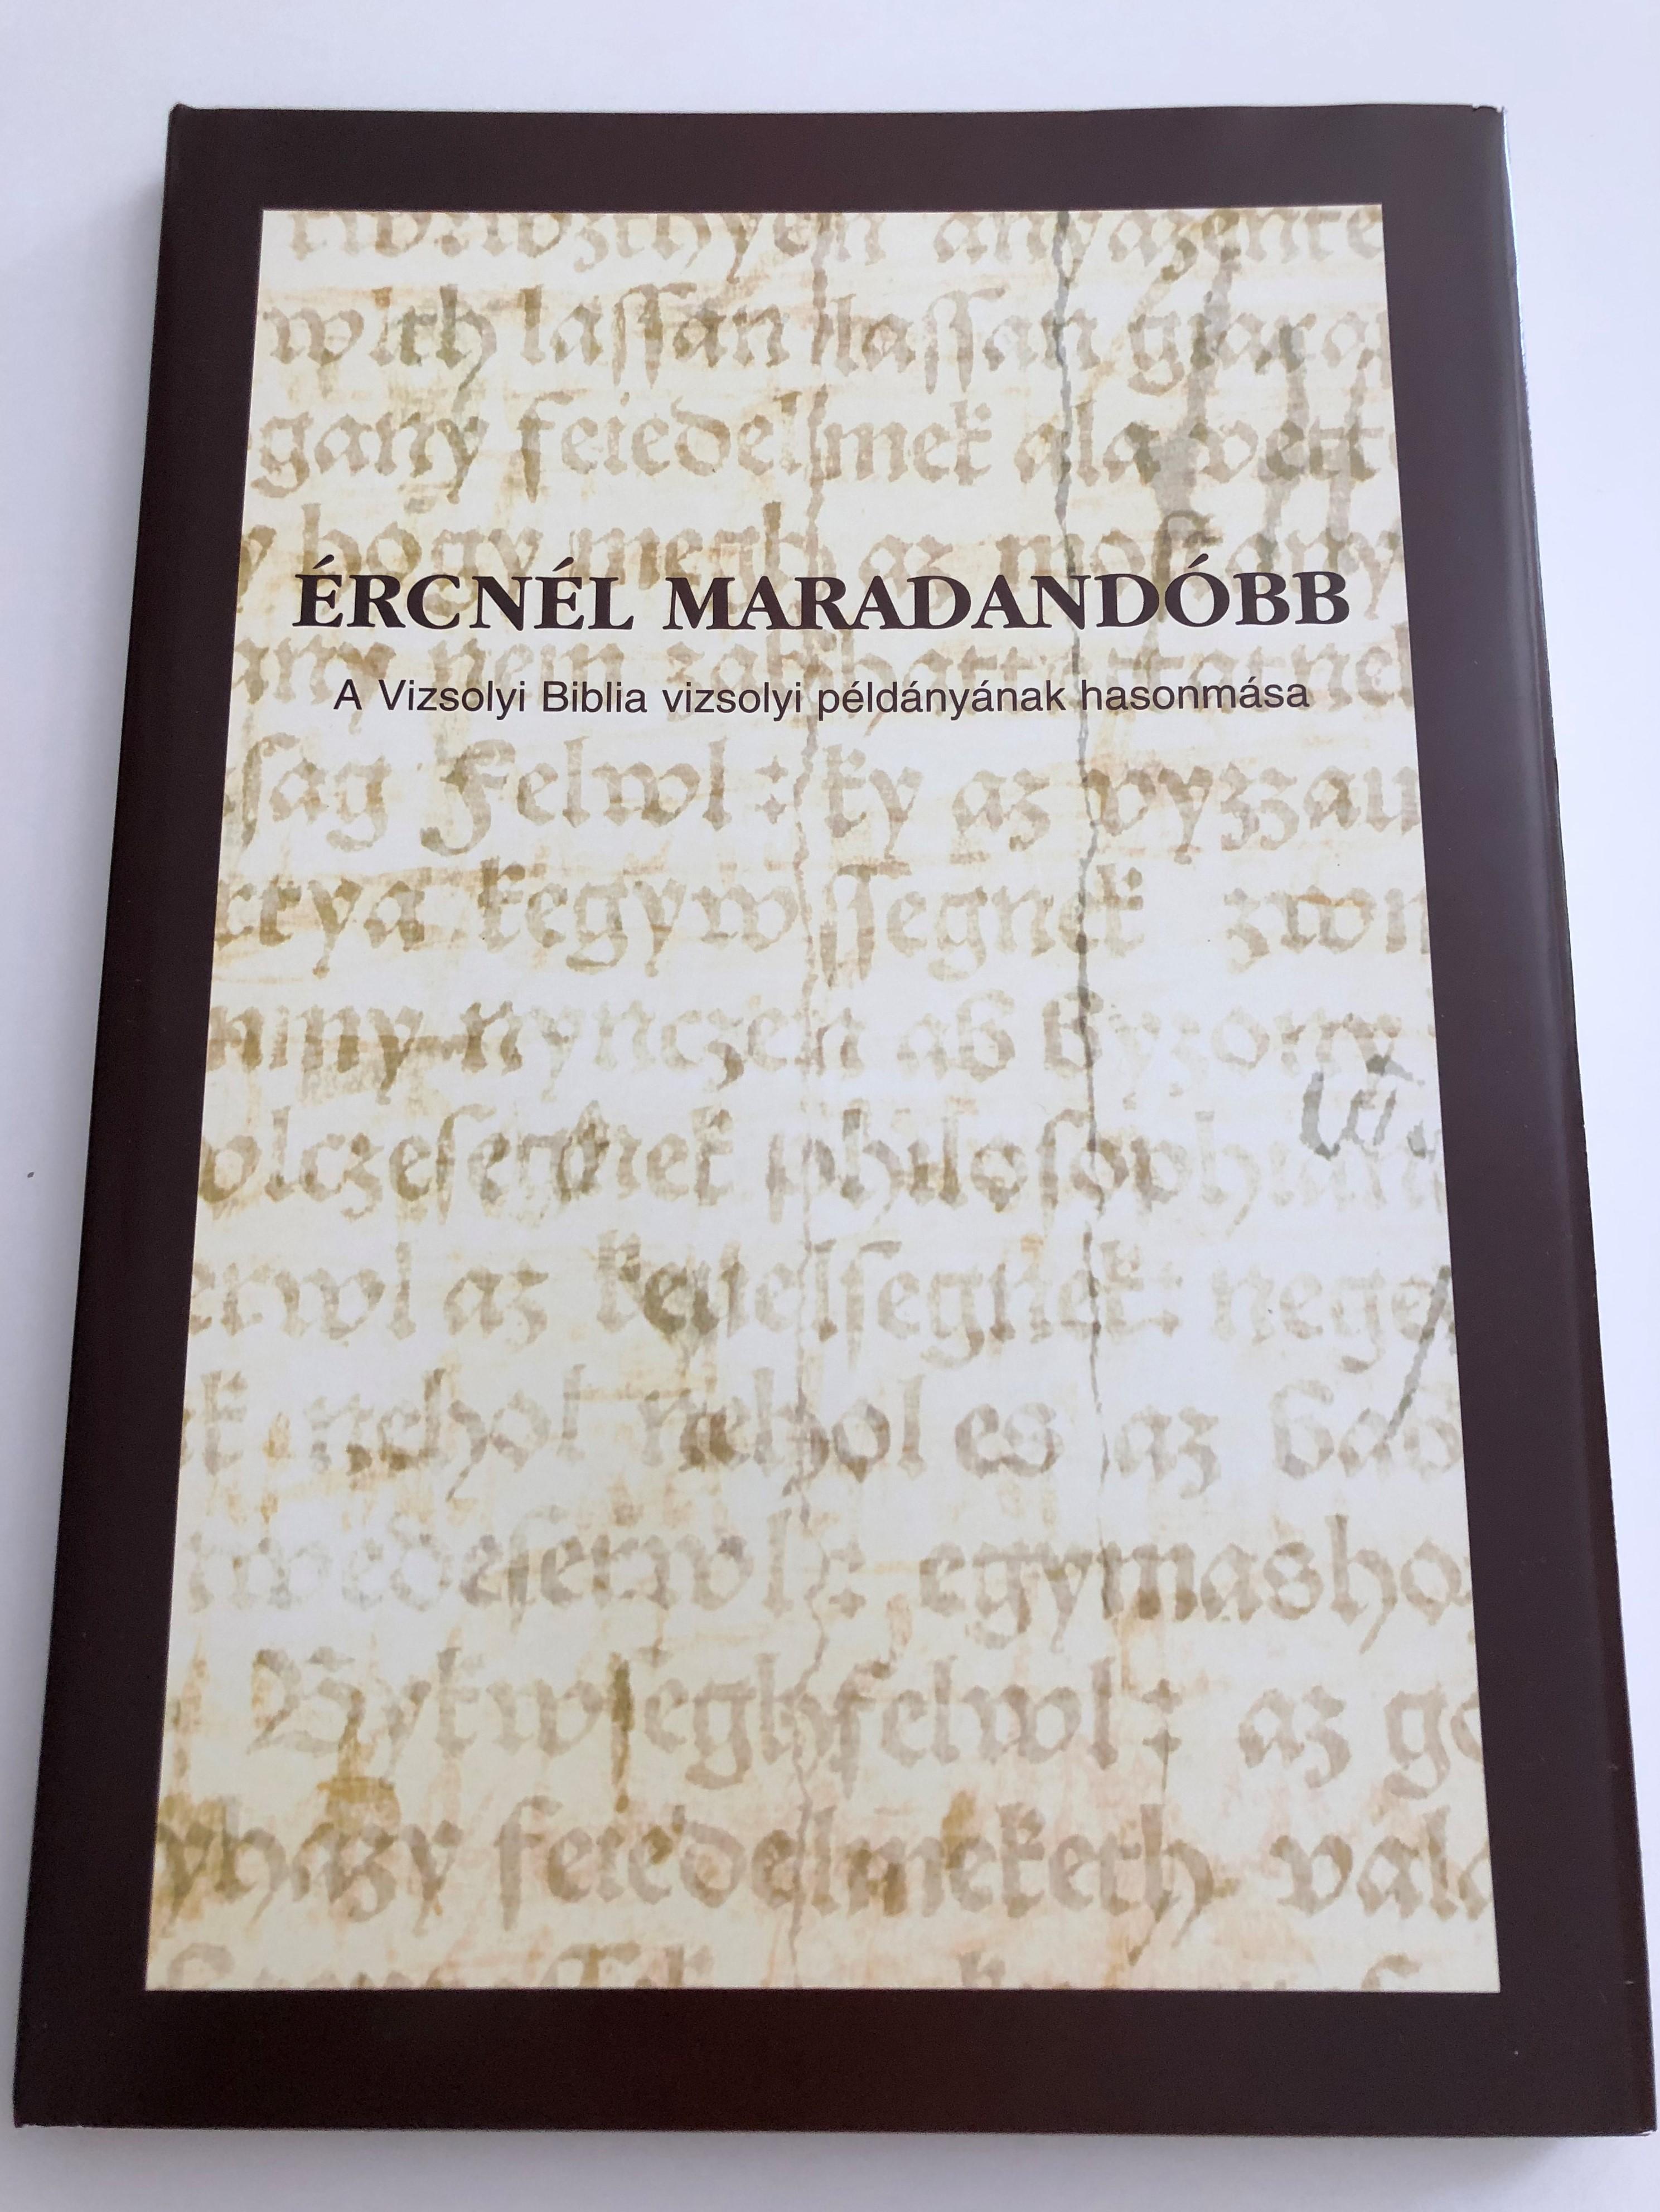 vizsolyi-szent-biblia-1590-hungarian-1590-k-roli-translation-reprint-holy-bible-set-istennec-es-wy-testamentvmanac-prophe-ta-c-es-apostoloc-ltal-meg-iratott-szent-k-nyuei-rcn-l-maradand-bb-tanulm-ny-essay-book-d-6357135-.jpg